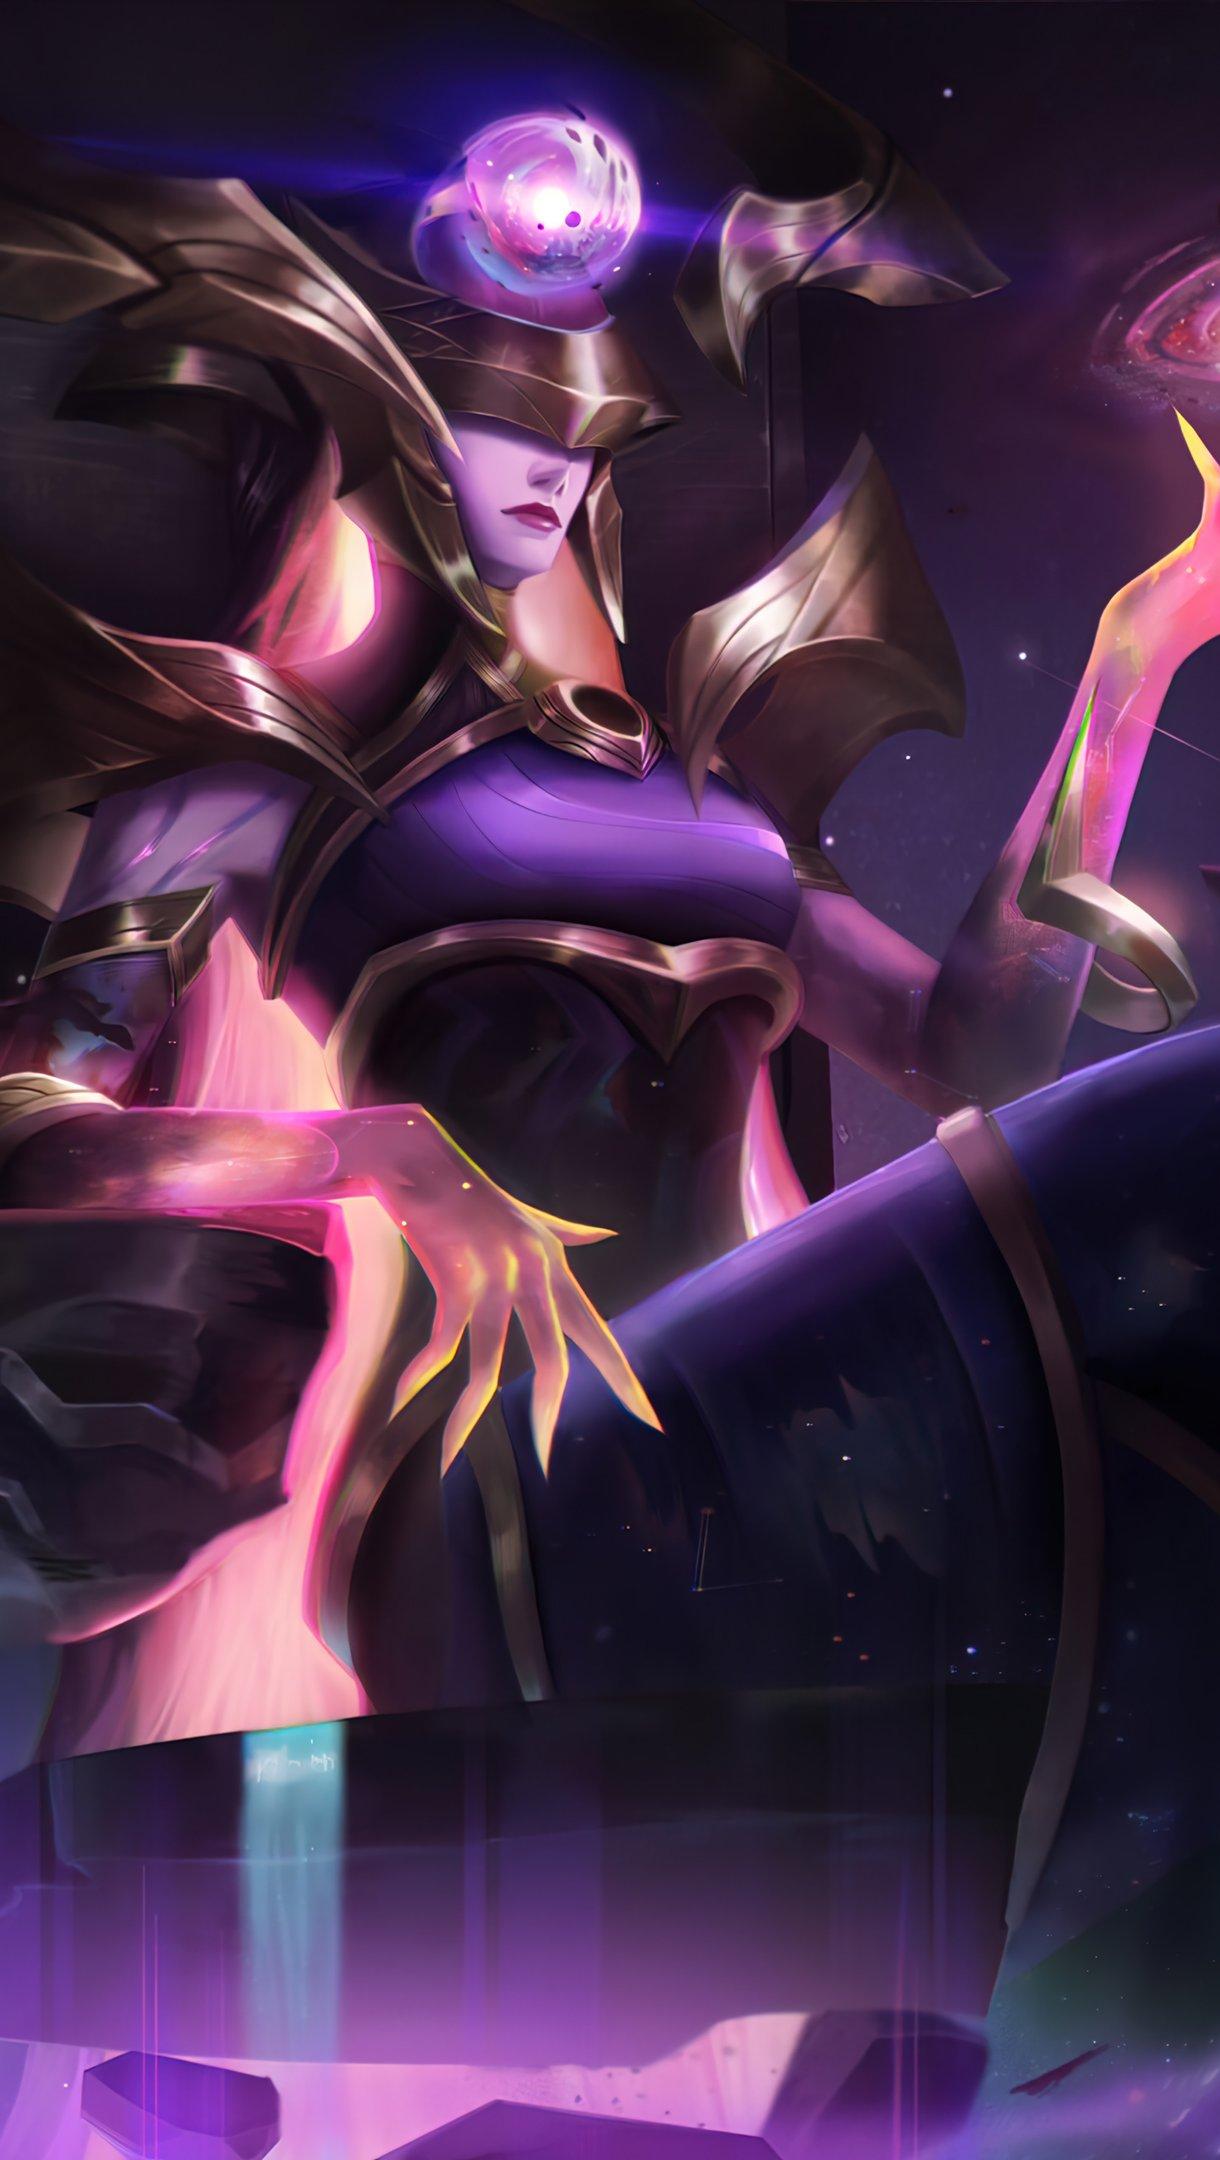 Wallpaper Lissandra dark star League of Legends Vertical